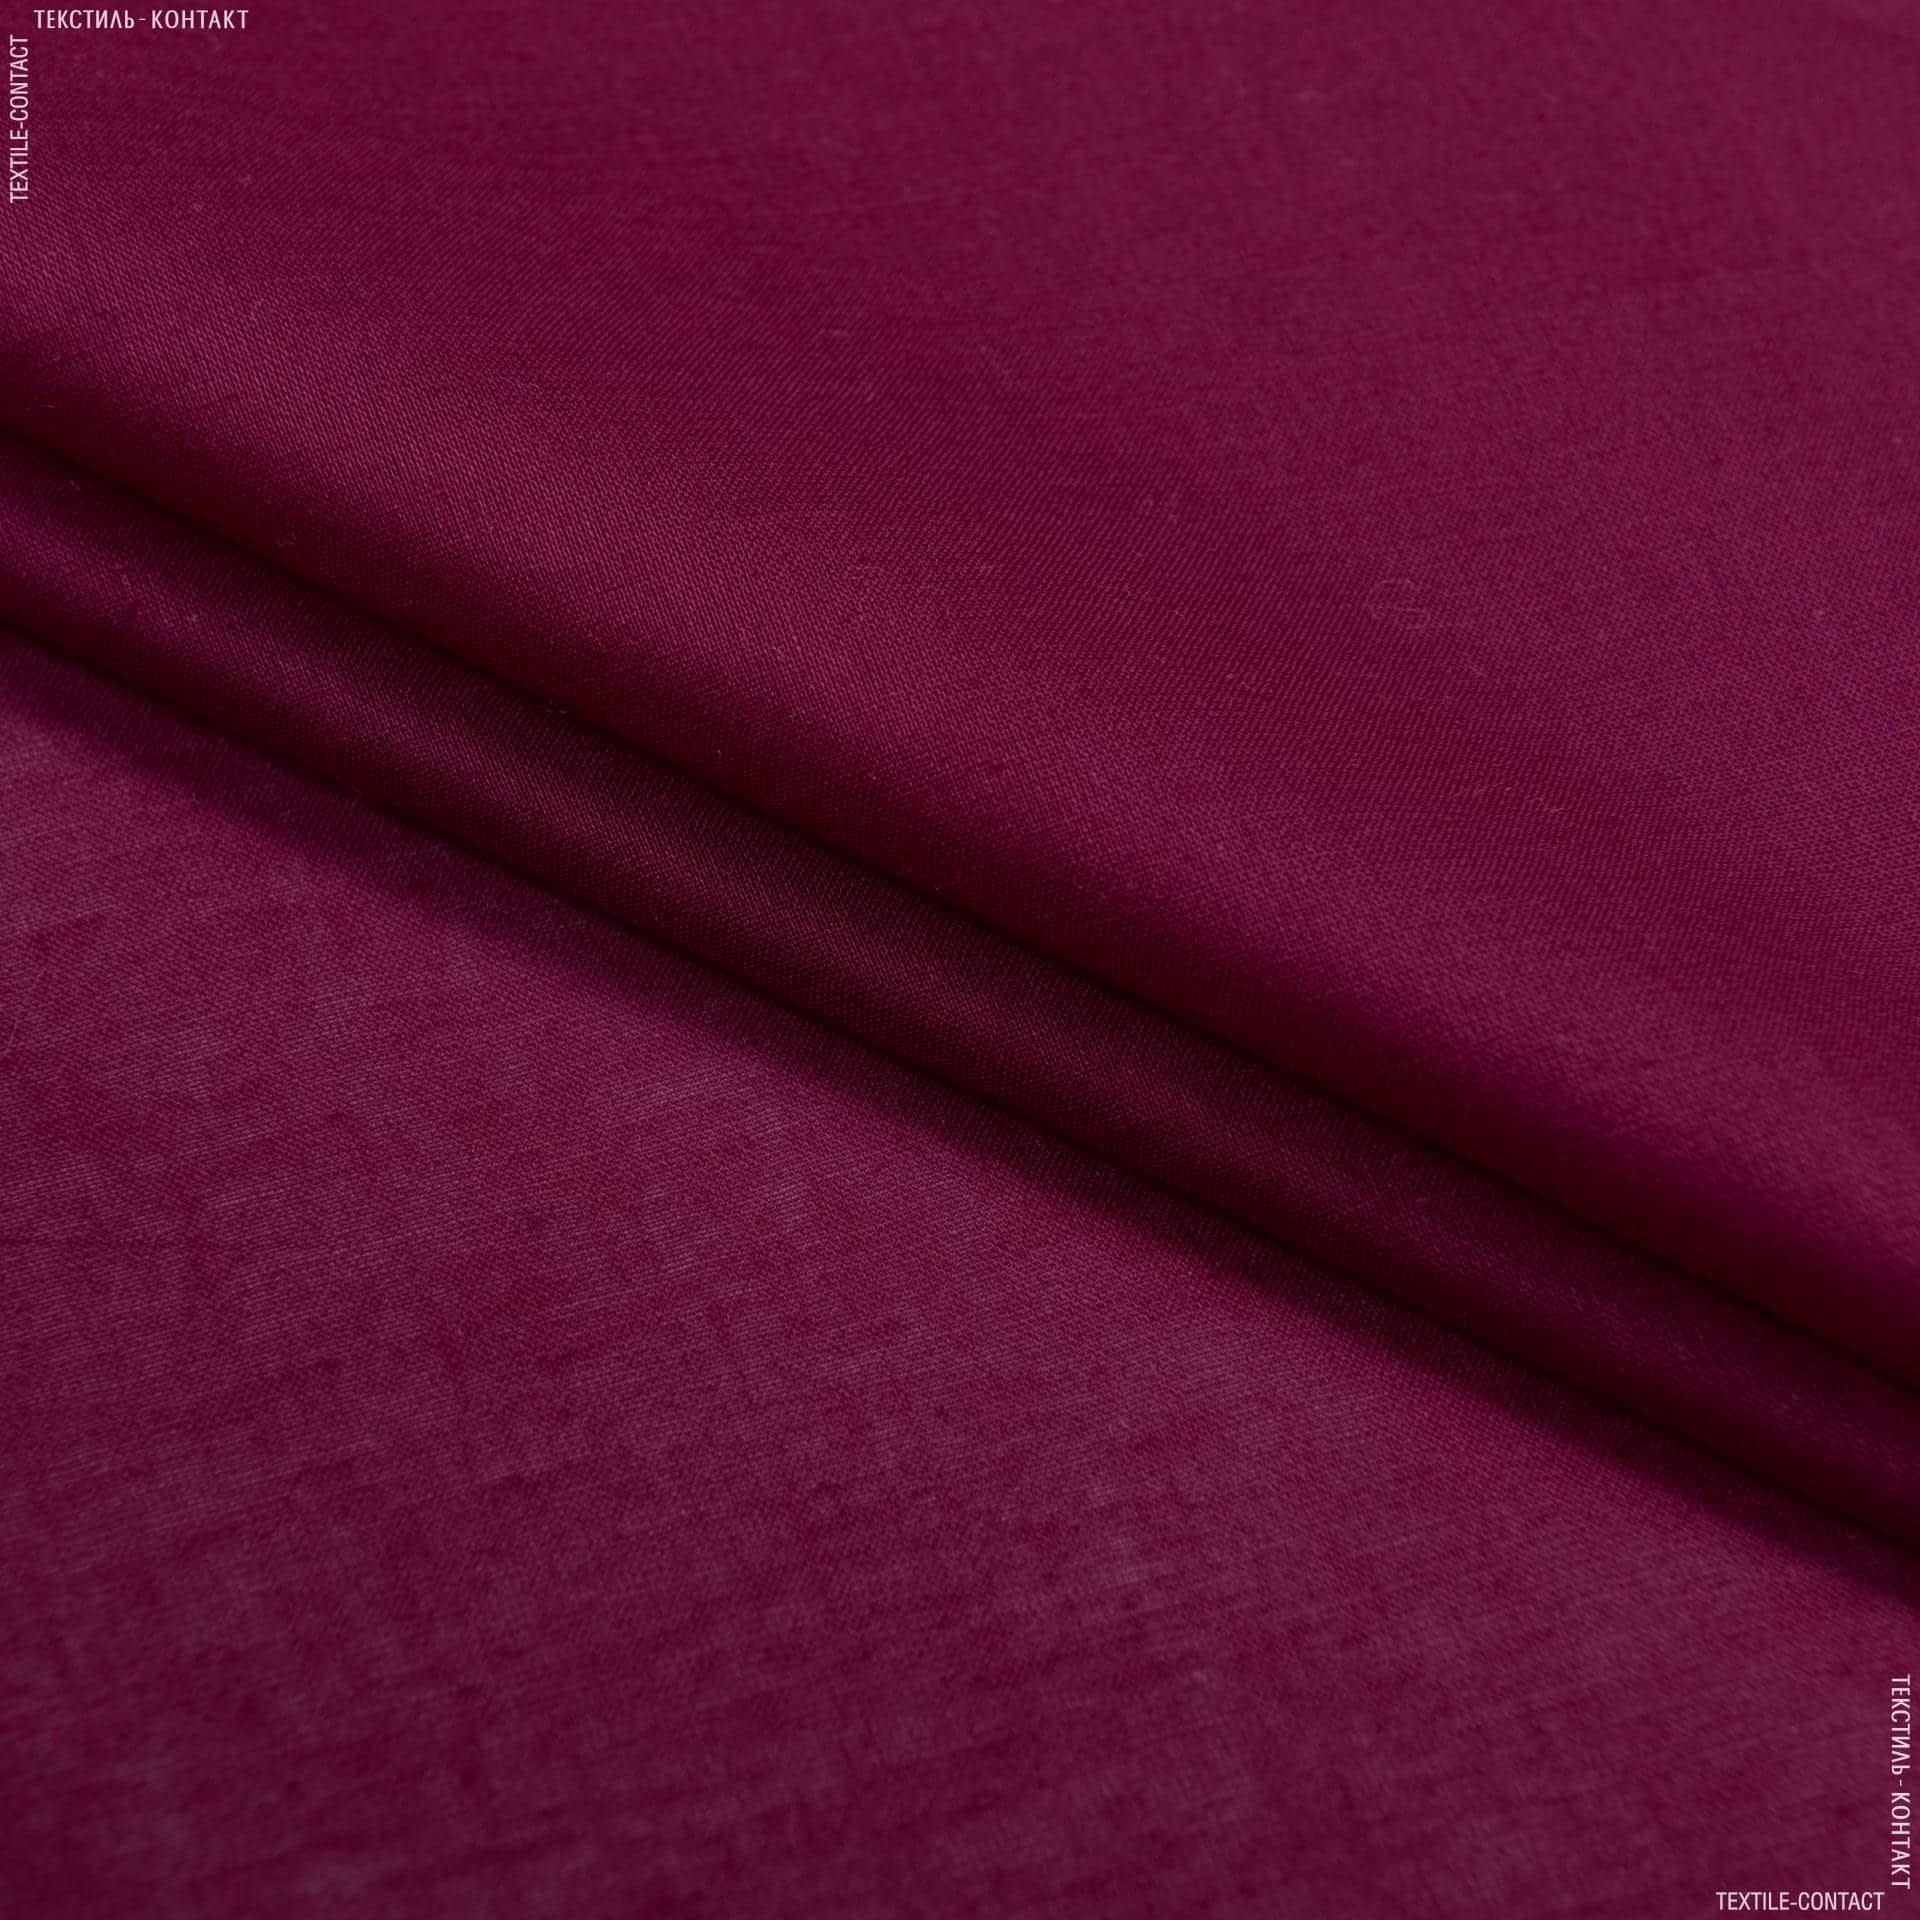 Ткани для детской одежды - Батист бордо